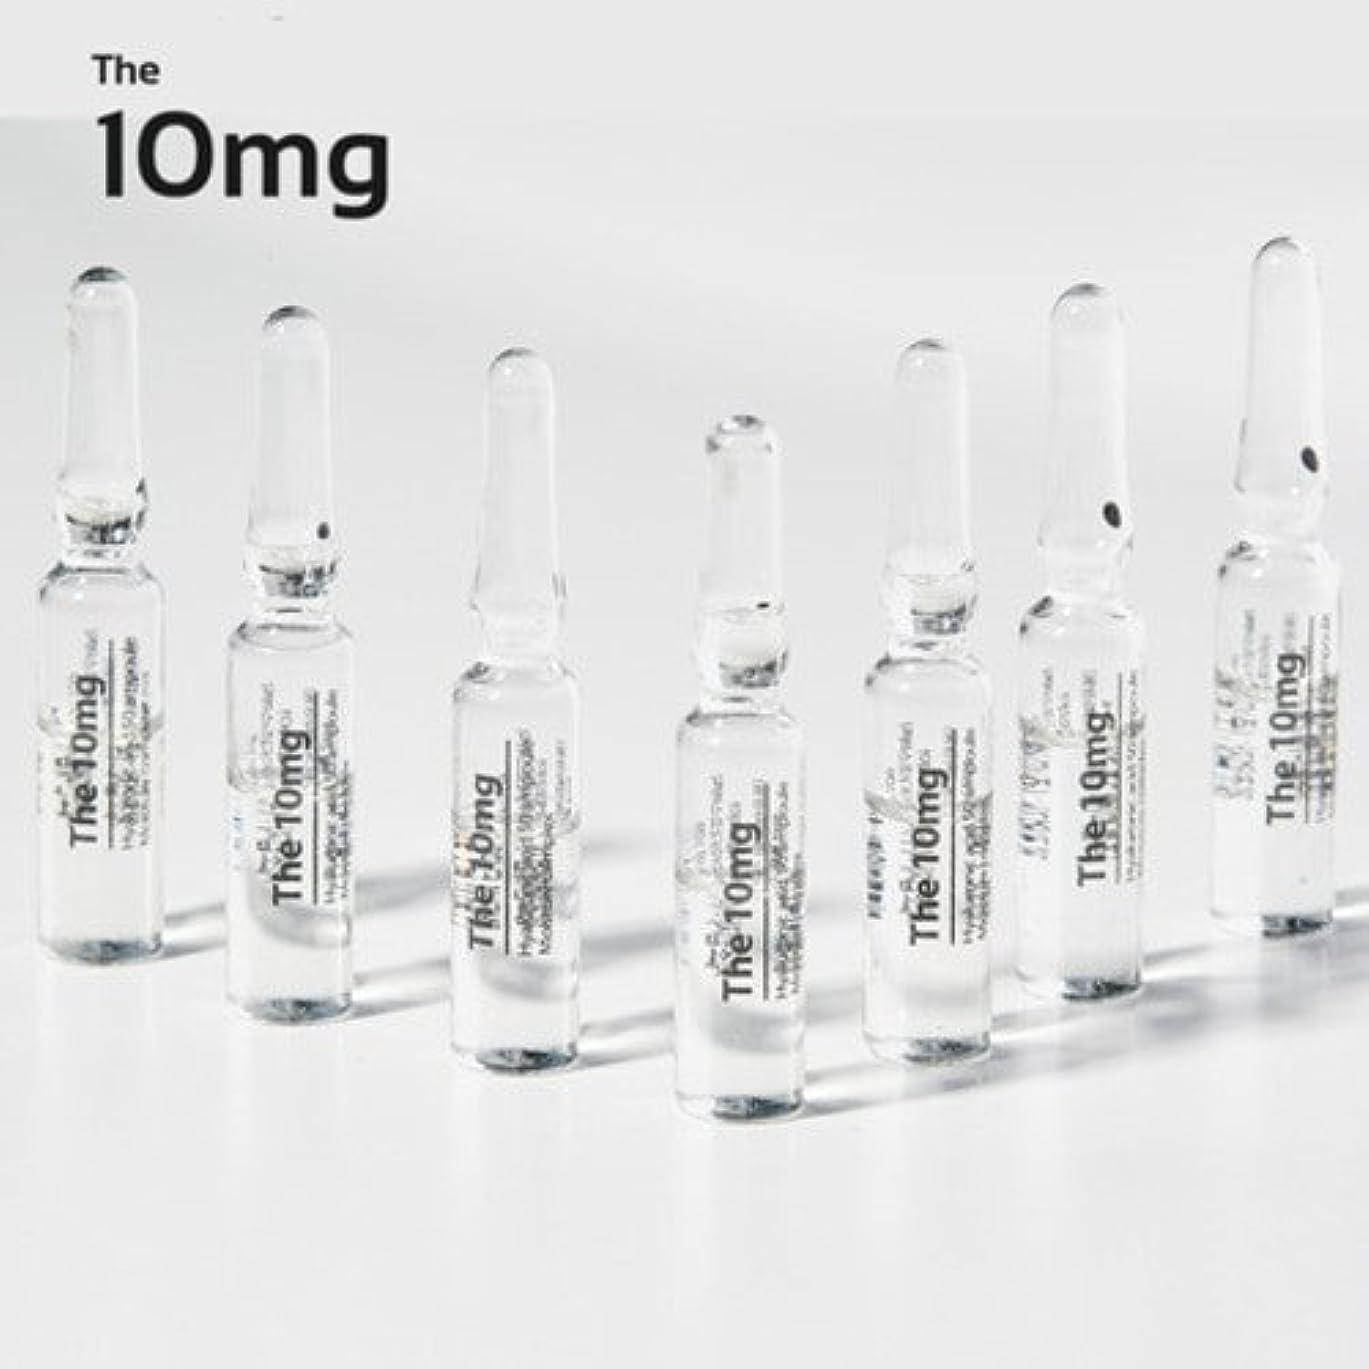 一晩カーフ一晩aida Cosmetic The 10mg Hyaluronic Acid 50 Ampoule 2ml × 10ea/アイダ コスメティック The 10mg ヒアルロン酸 50 アンプル 2ml × 10個 [並行輸入品]